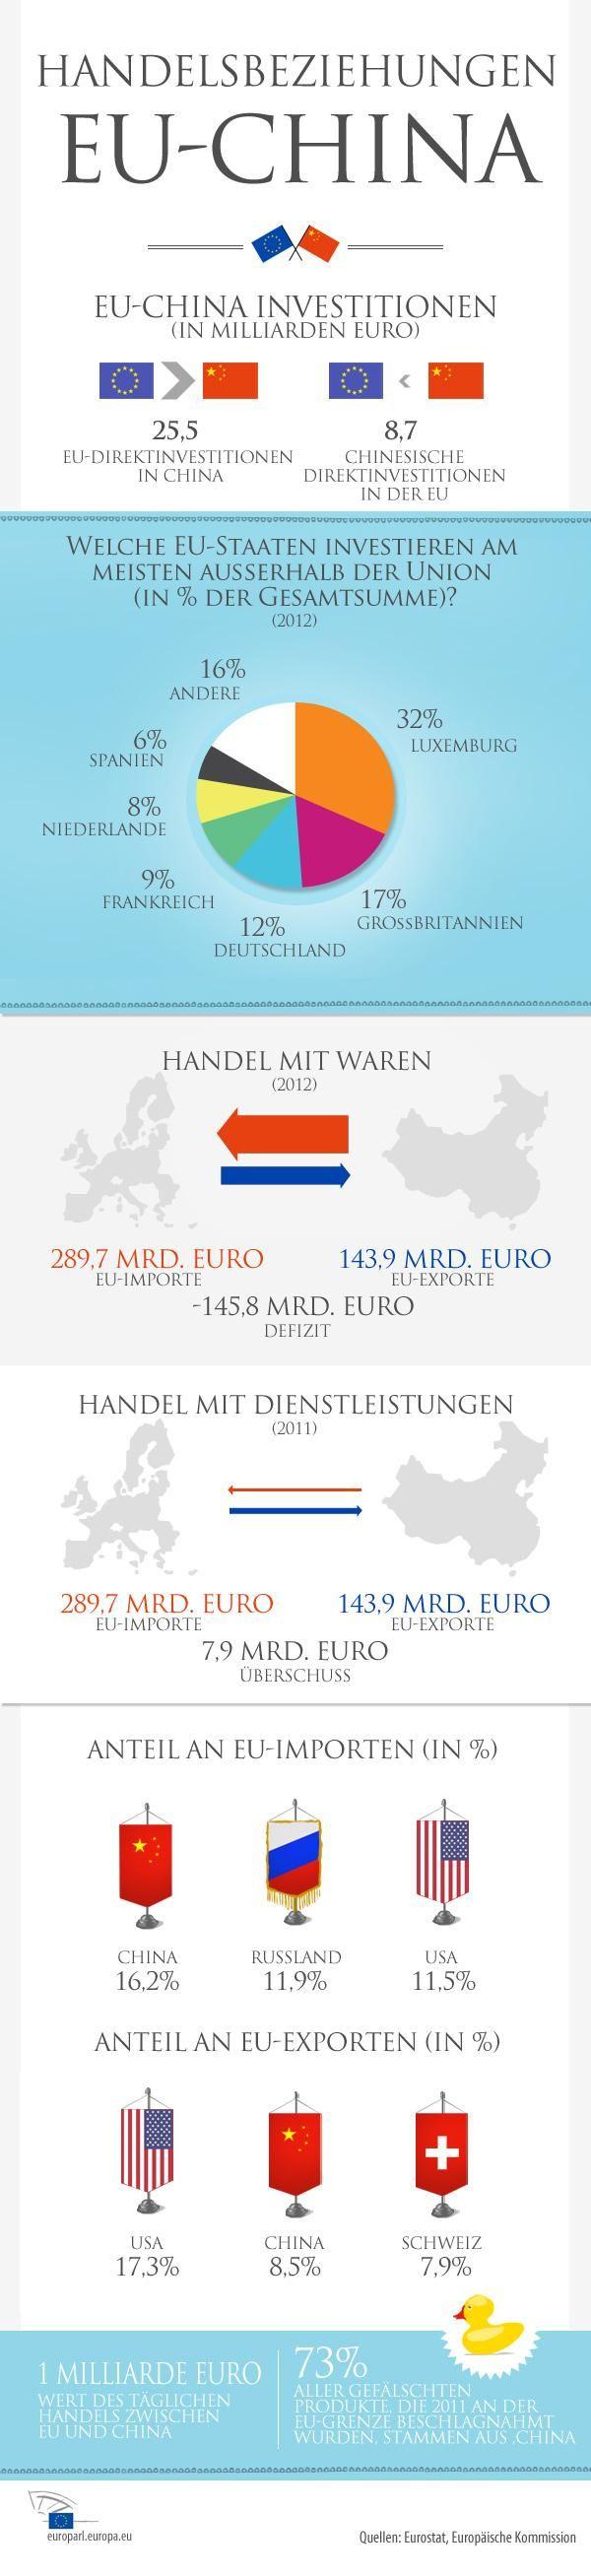 EU-China Handelsbeziehungen: Wie geht die EU mit steigendem chinesischen Einfluss um? (Infografik)